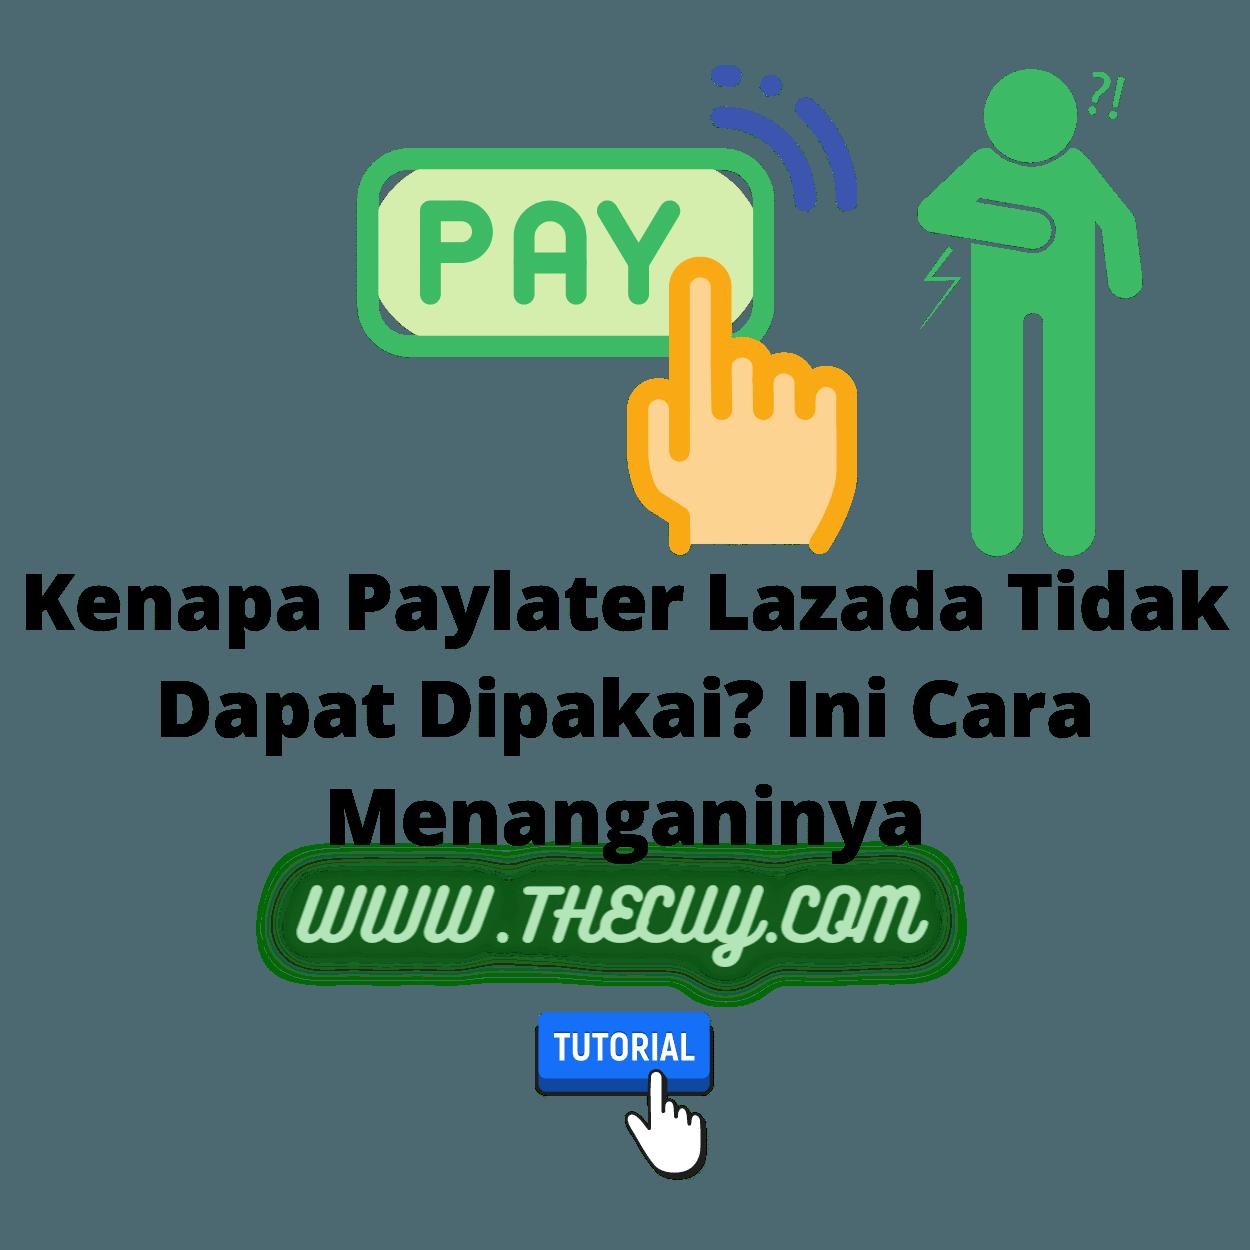 Kenapa Paylater Lazada Tidak Dapat Dipakai? Ini Cara Menanganinya